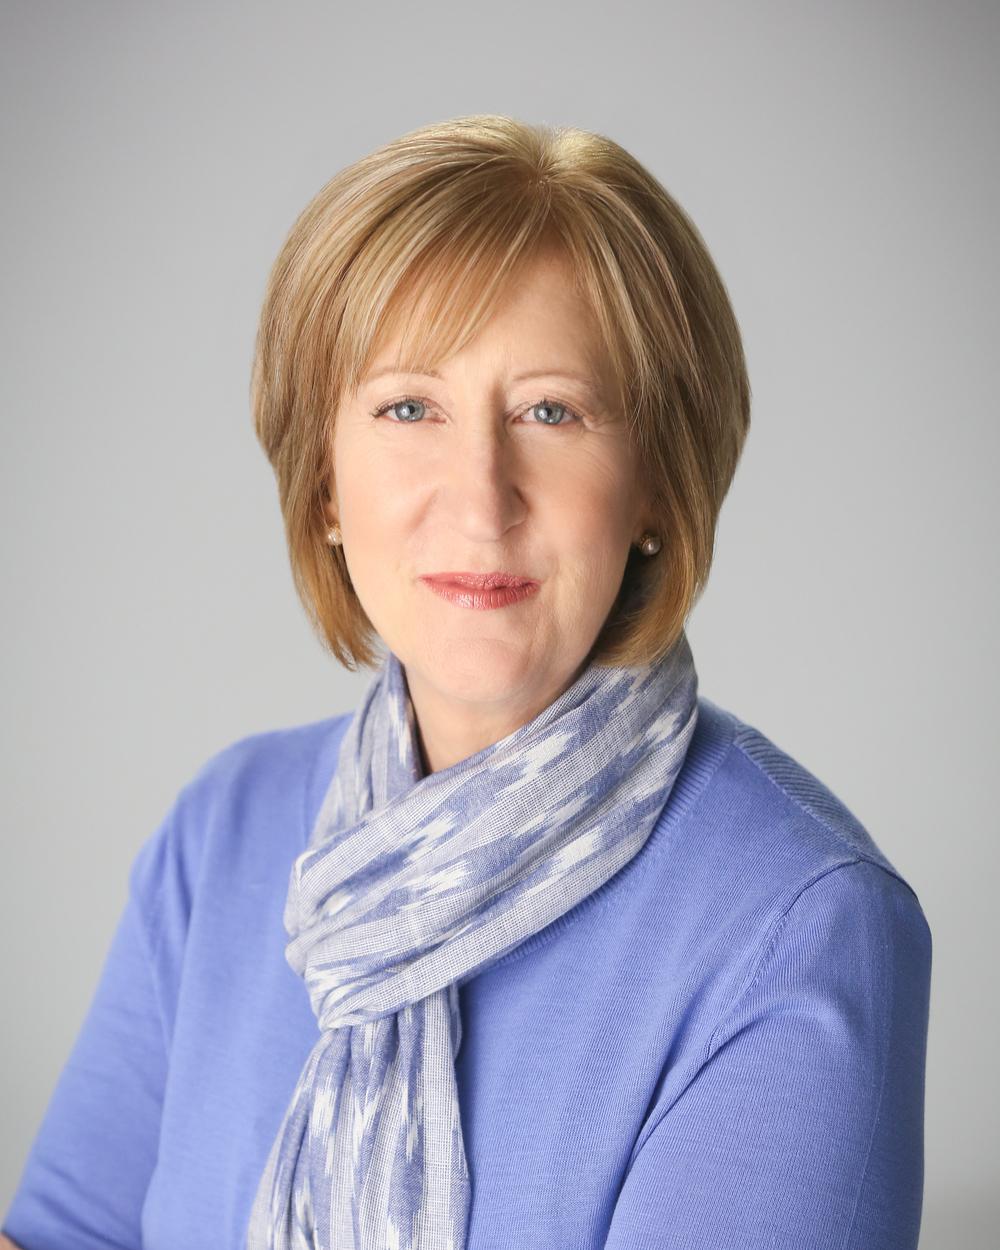 Lynn Bennett, LEED AP BD+C, DBIA